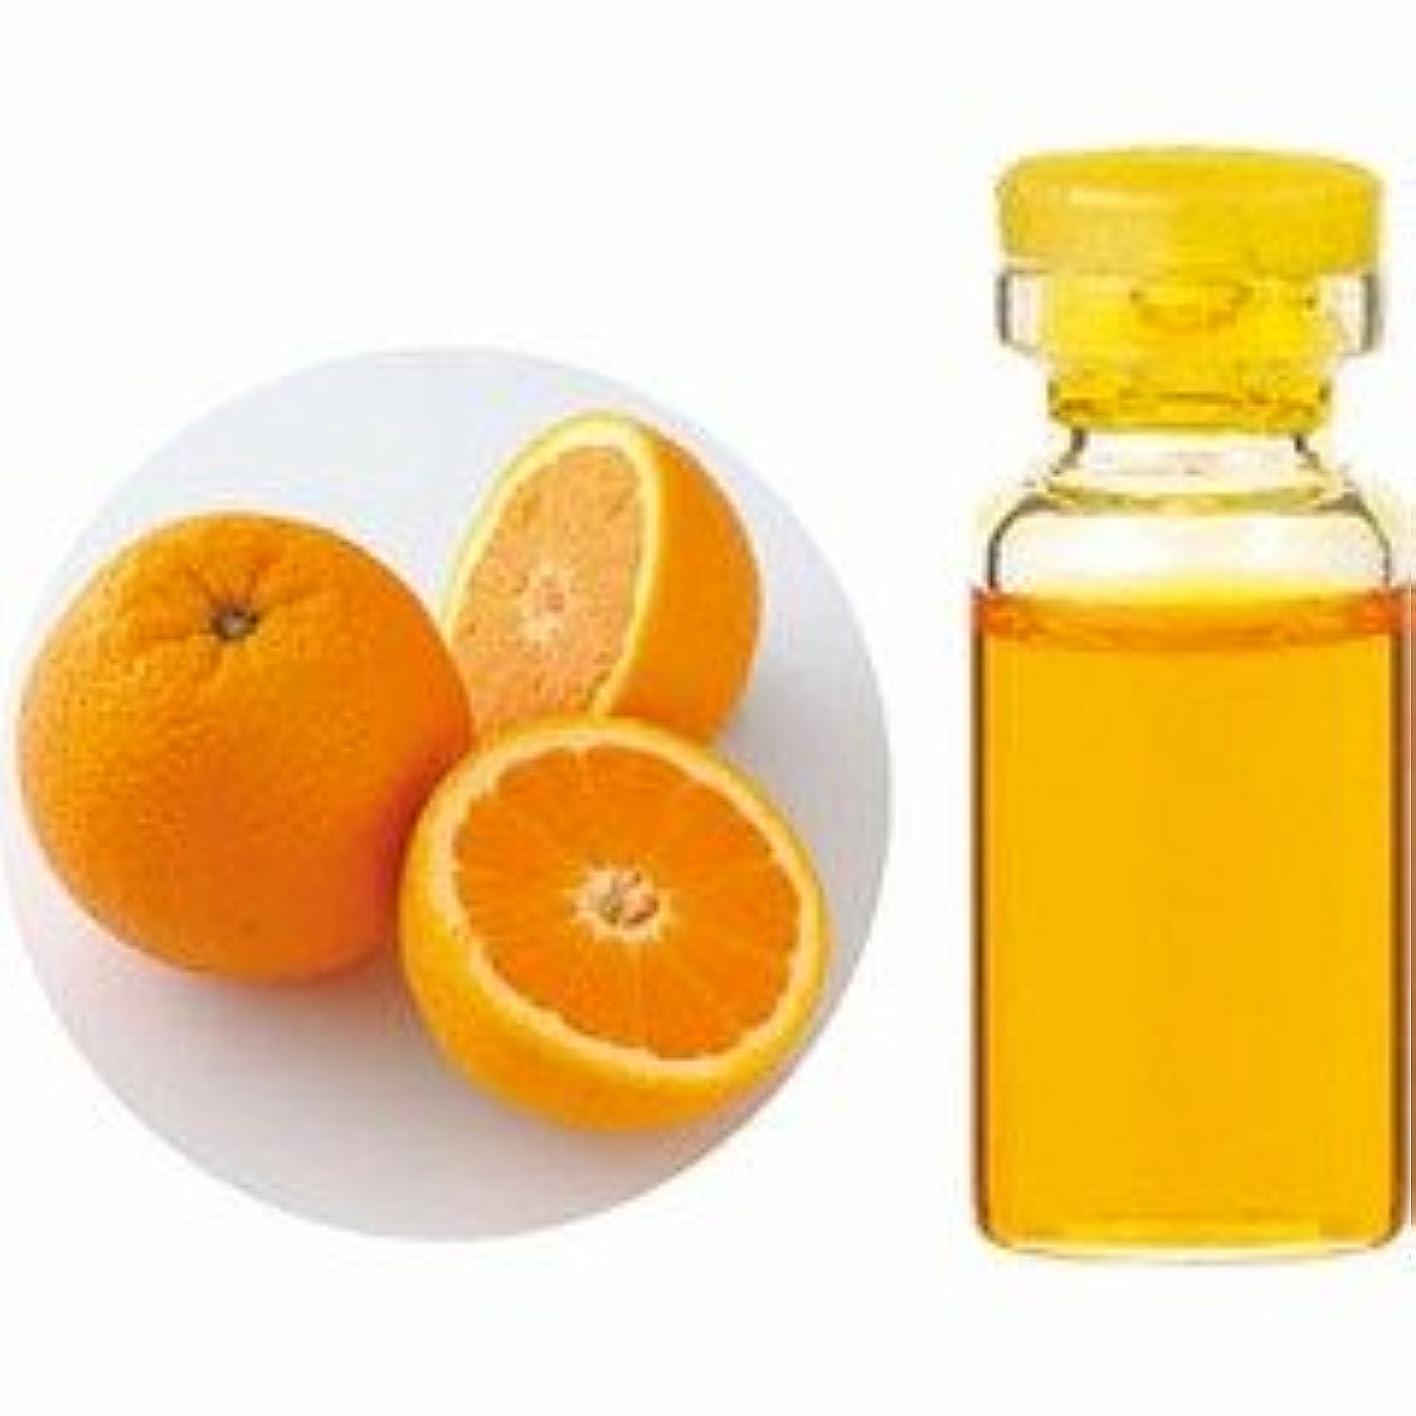 社会学授業料フリルエッセンシャルオイル(精油) オレンジスイート 10ml 【生活の木】